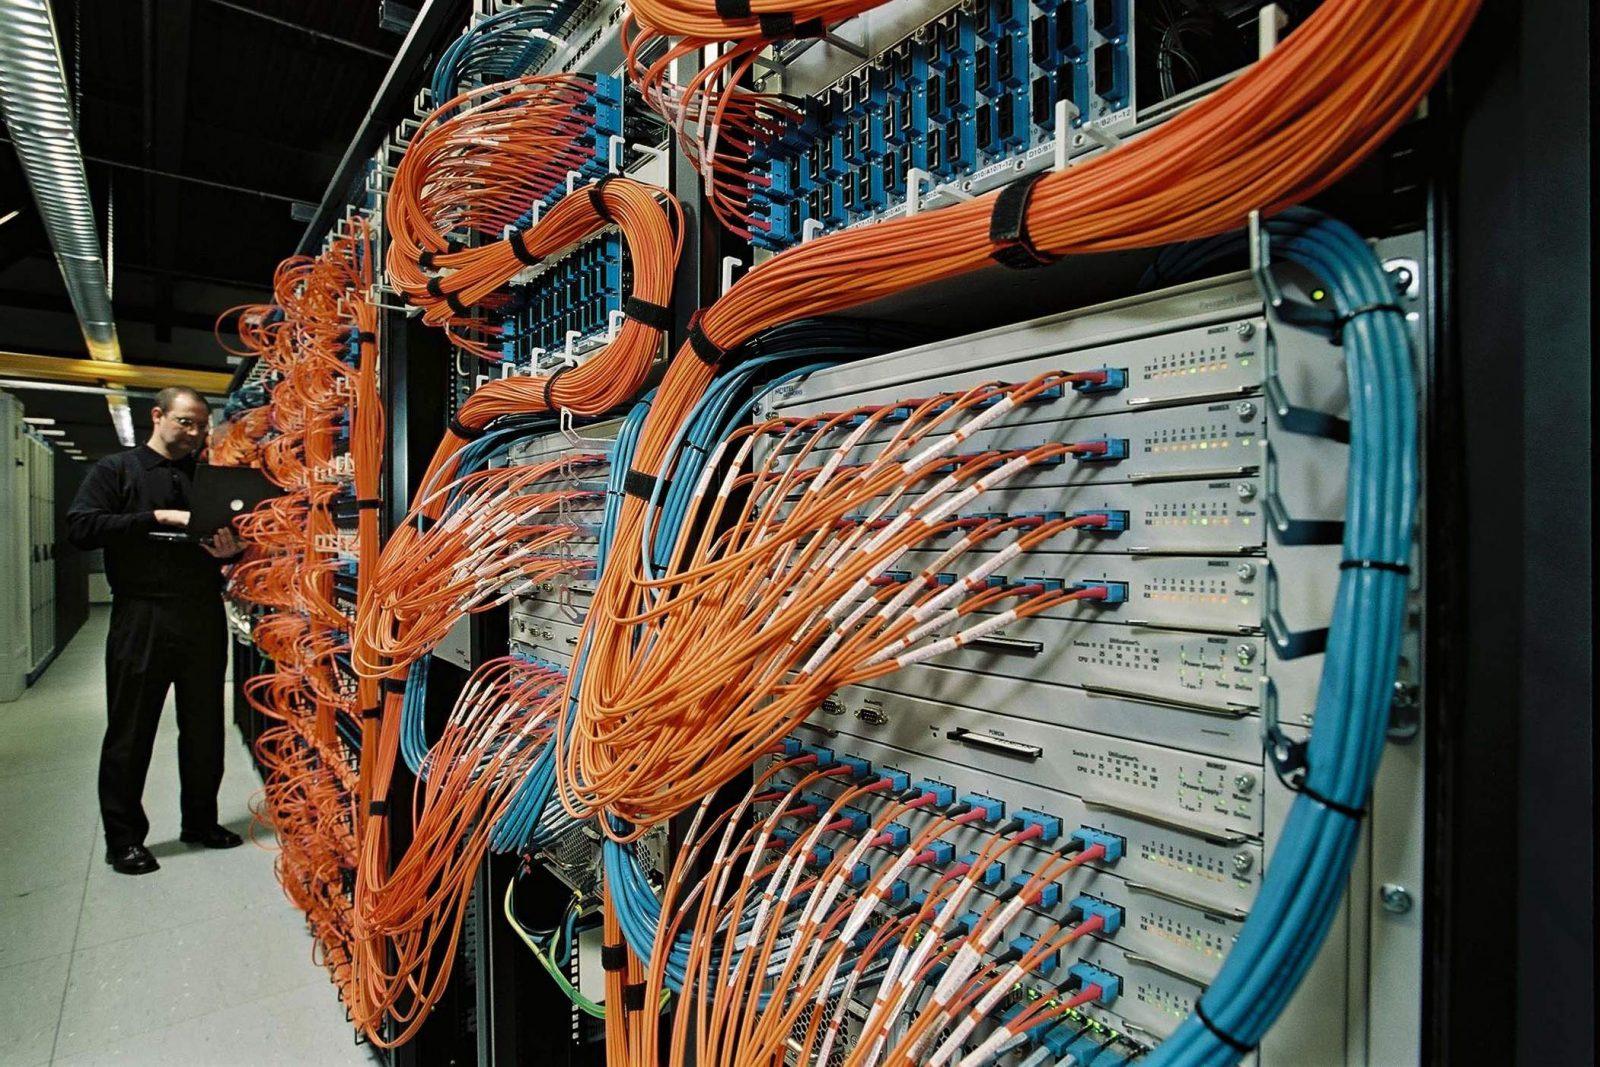 IT-специалист настраивает сетевое оборудование